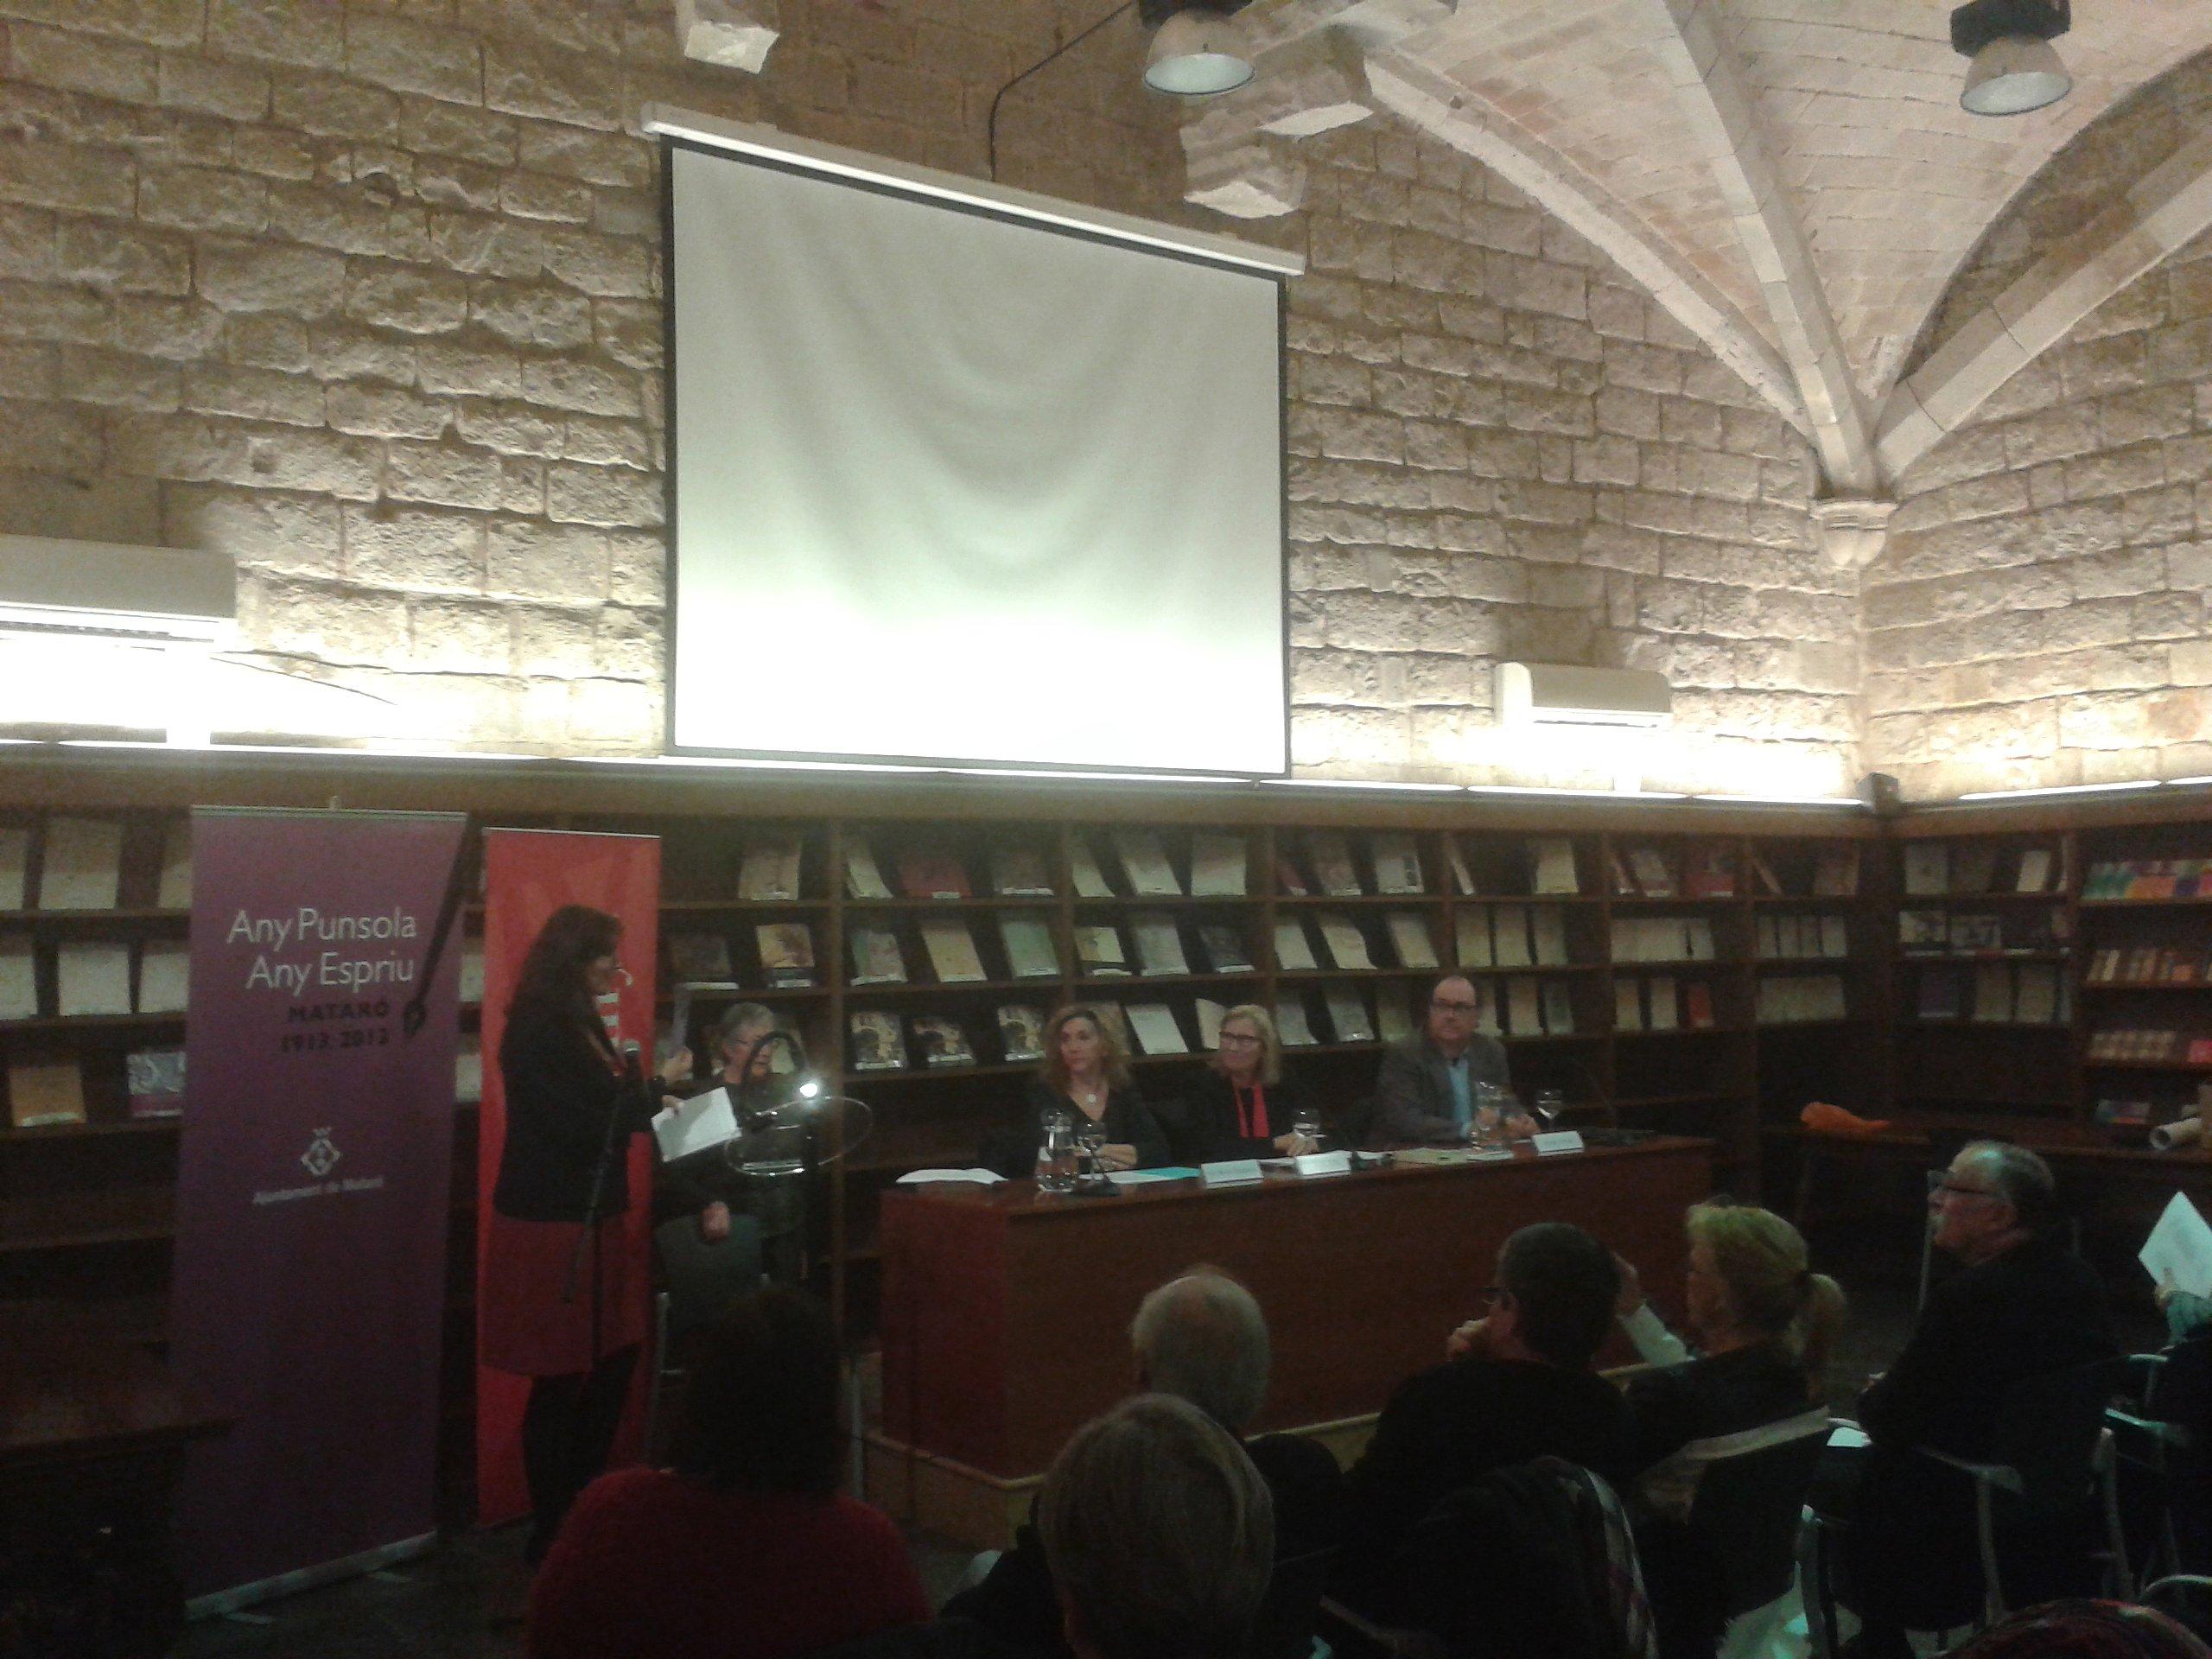 Presentació de l'obra inèdita de Punsola a la Biblioteca de Catalunya